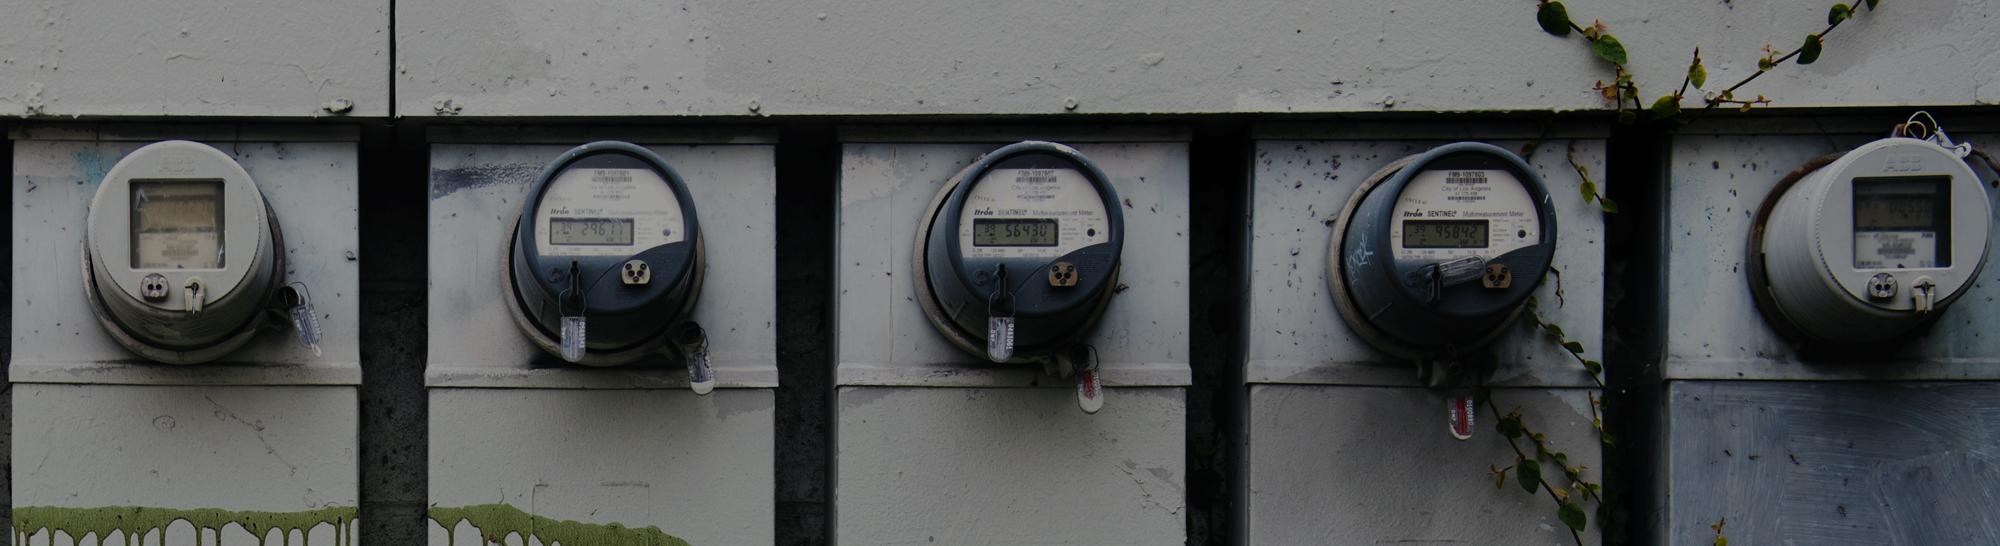 Meterkast Elektra